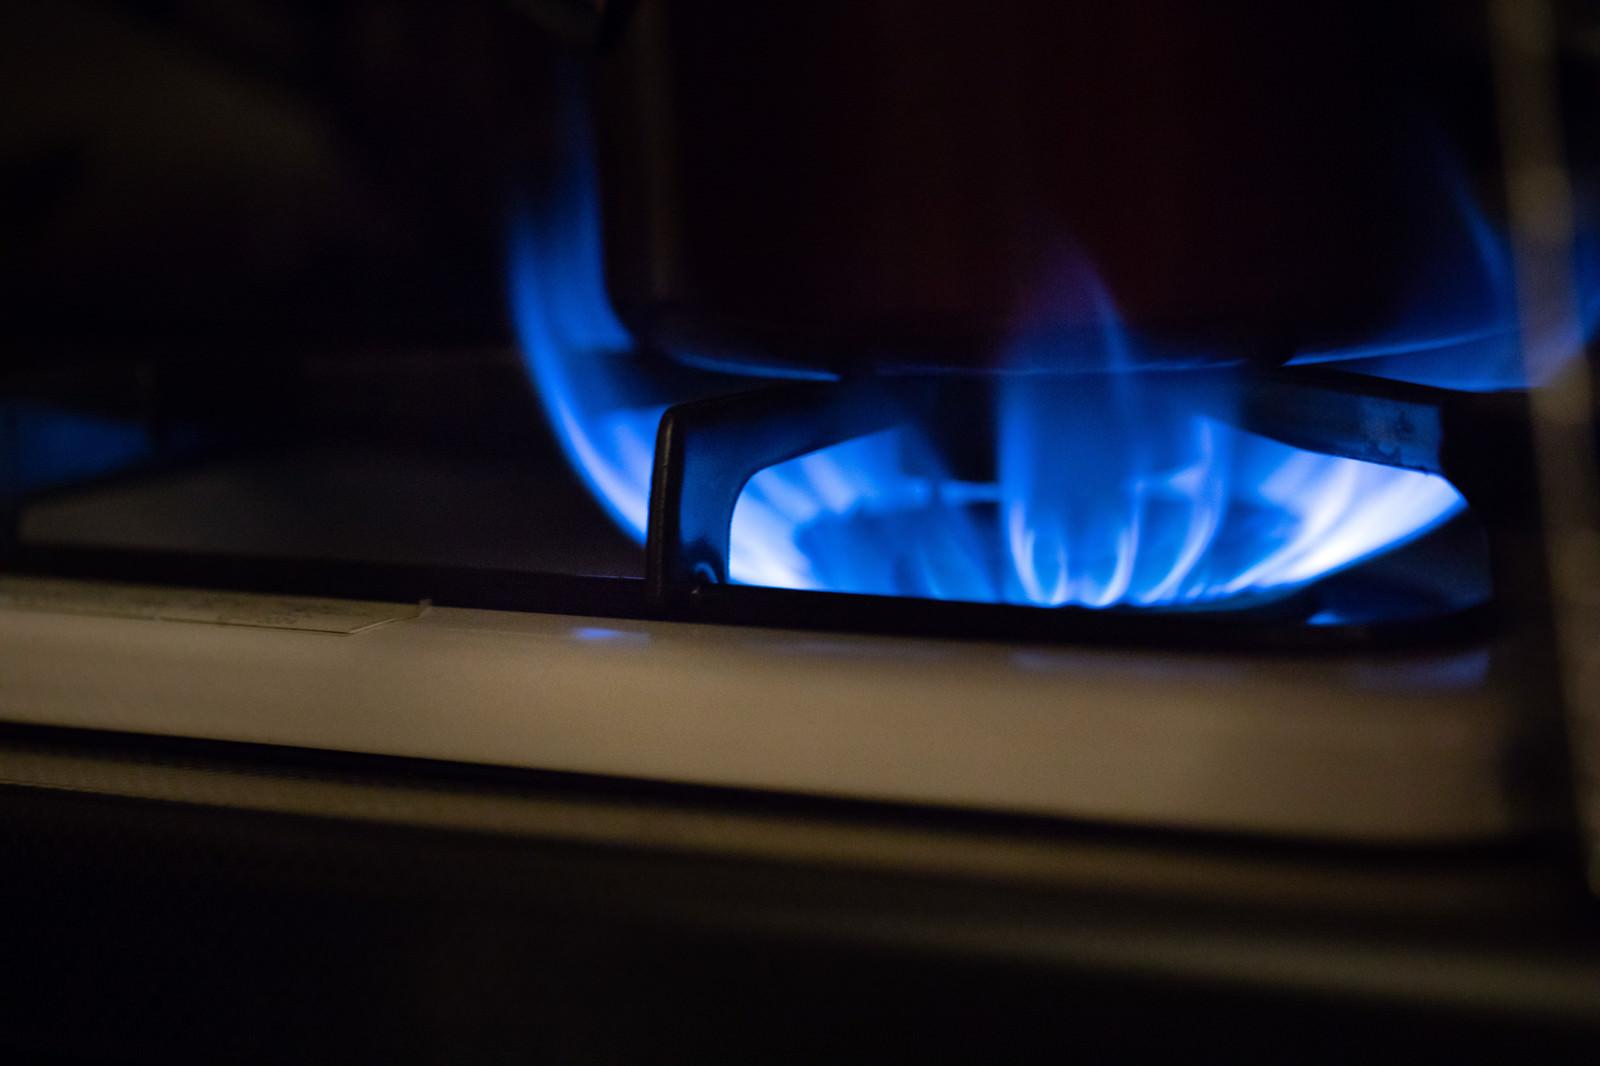 「停電時にガス台の火を消し忘れる」の写真